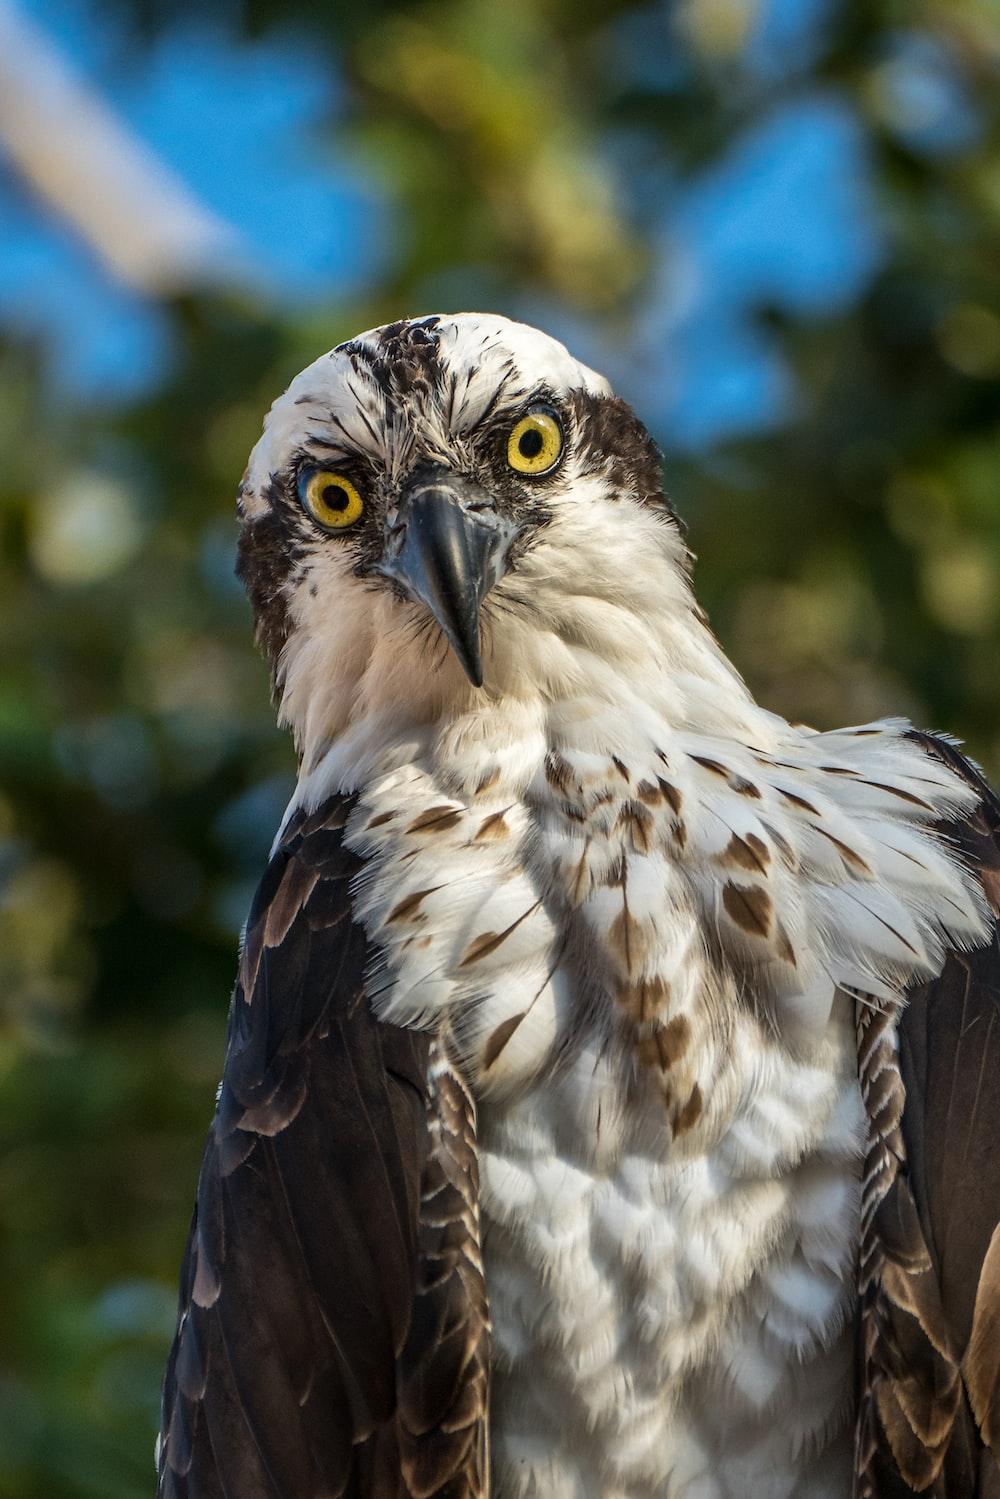 white and black eagle in tilt shift lens